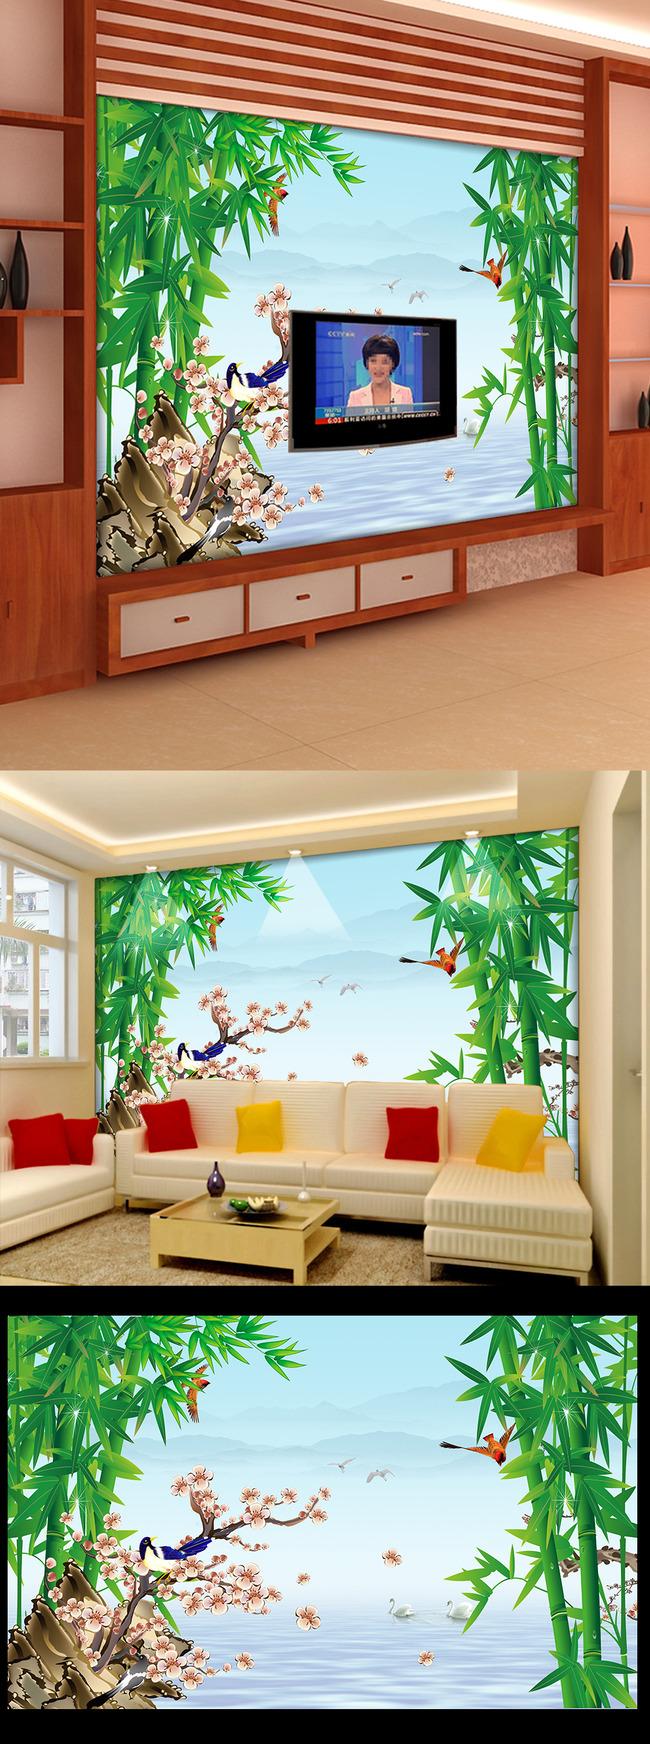 山水画鸟电视背景墙